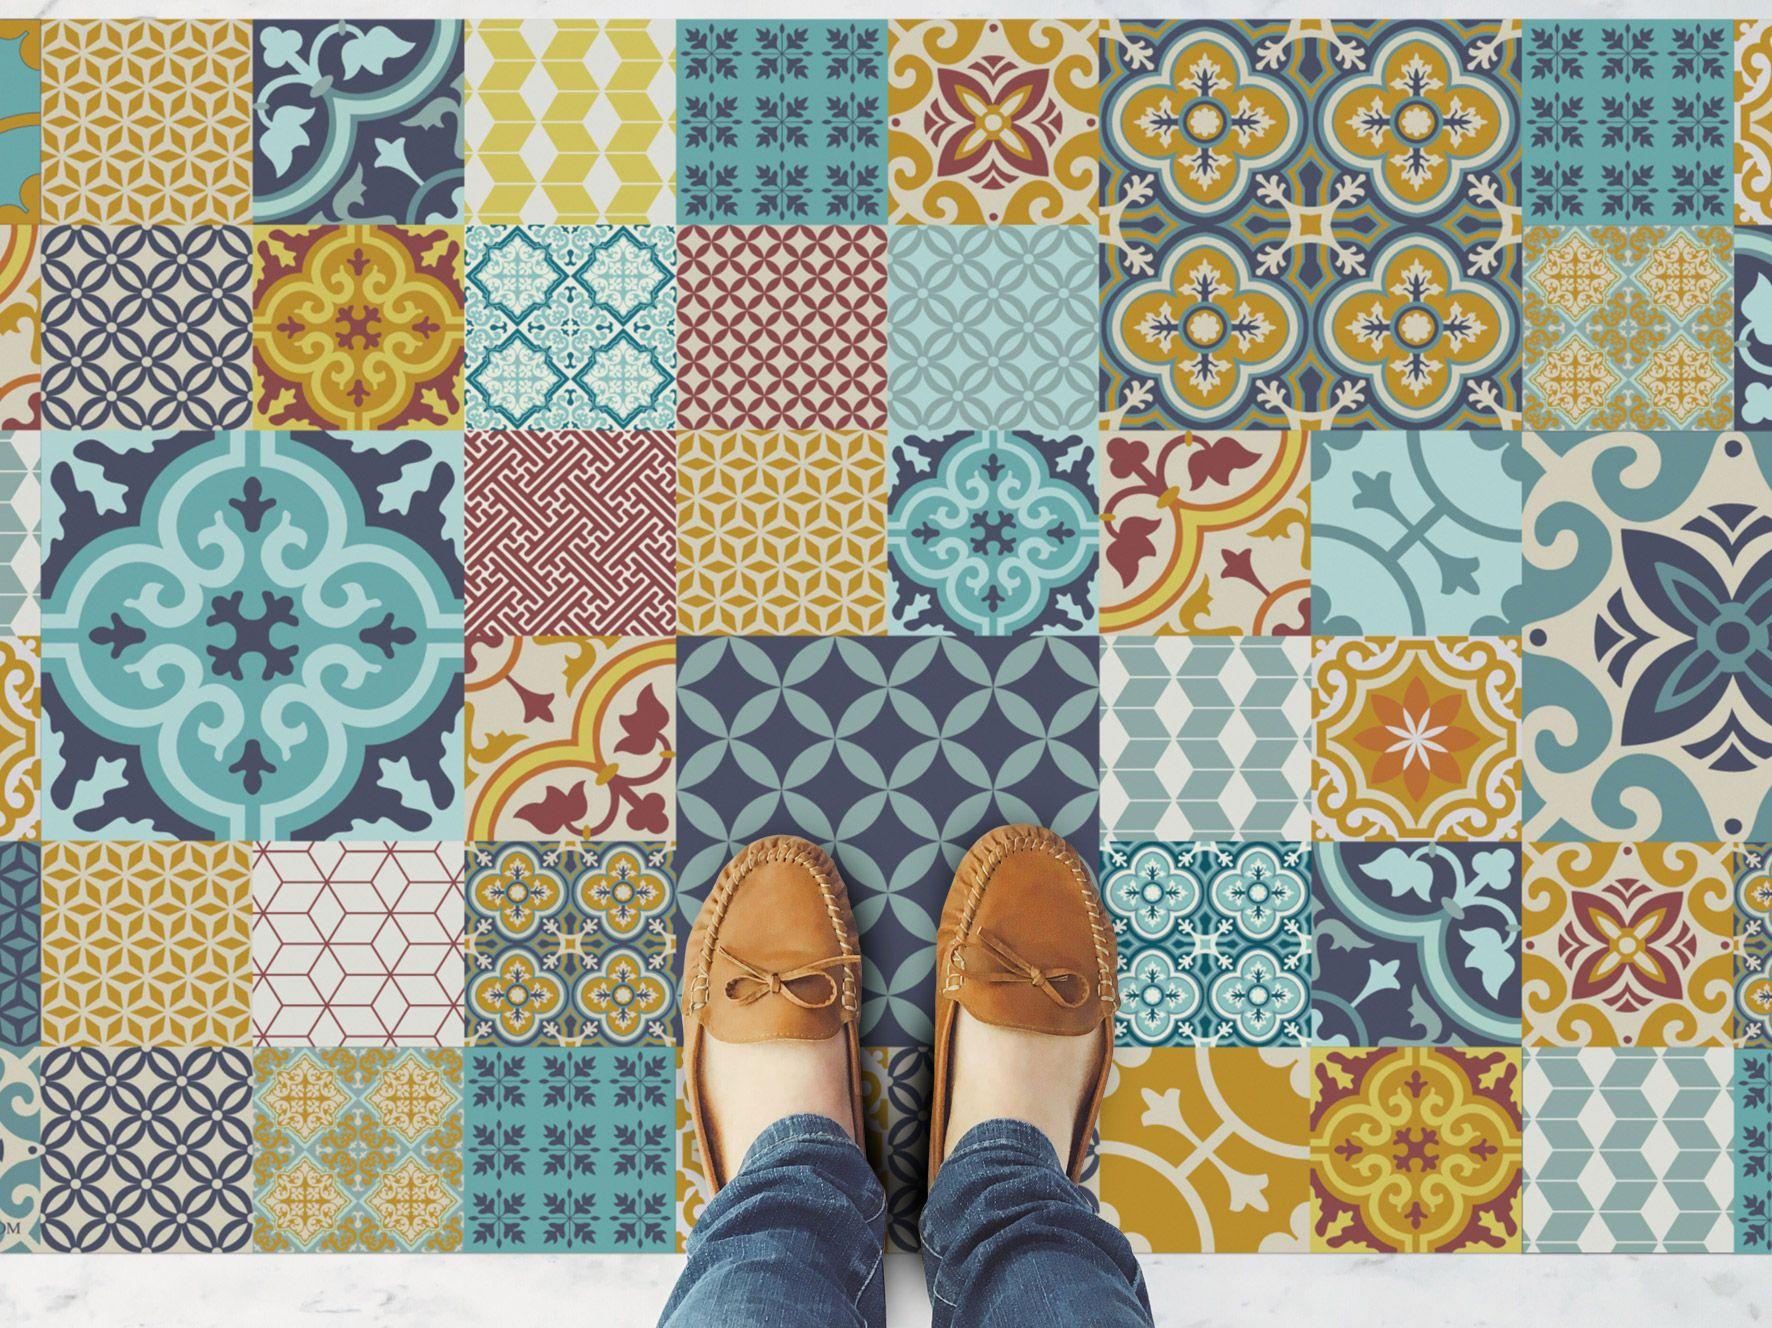 Floor Mat Rug Carpet Linoleum P V C Vinyl Colourful Geometric